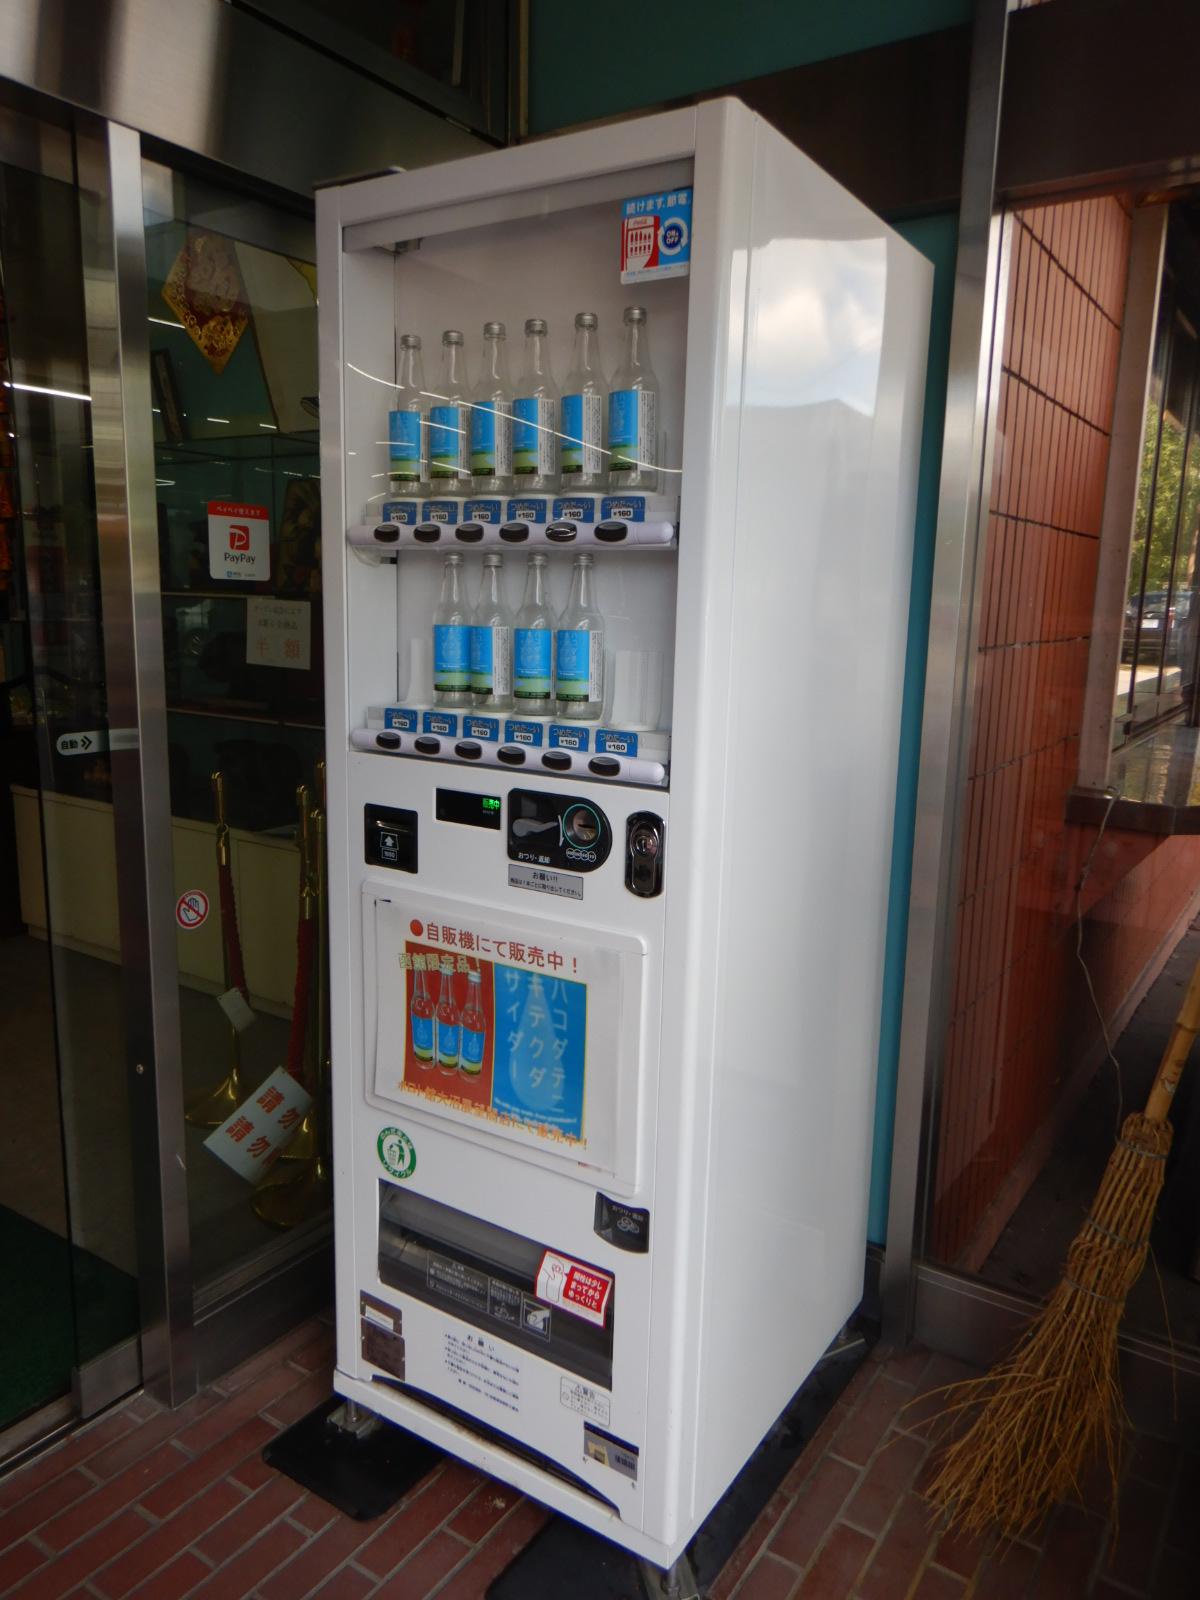 マルカツ興産「ハコダテニキテクダサイダー自動販売機」